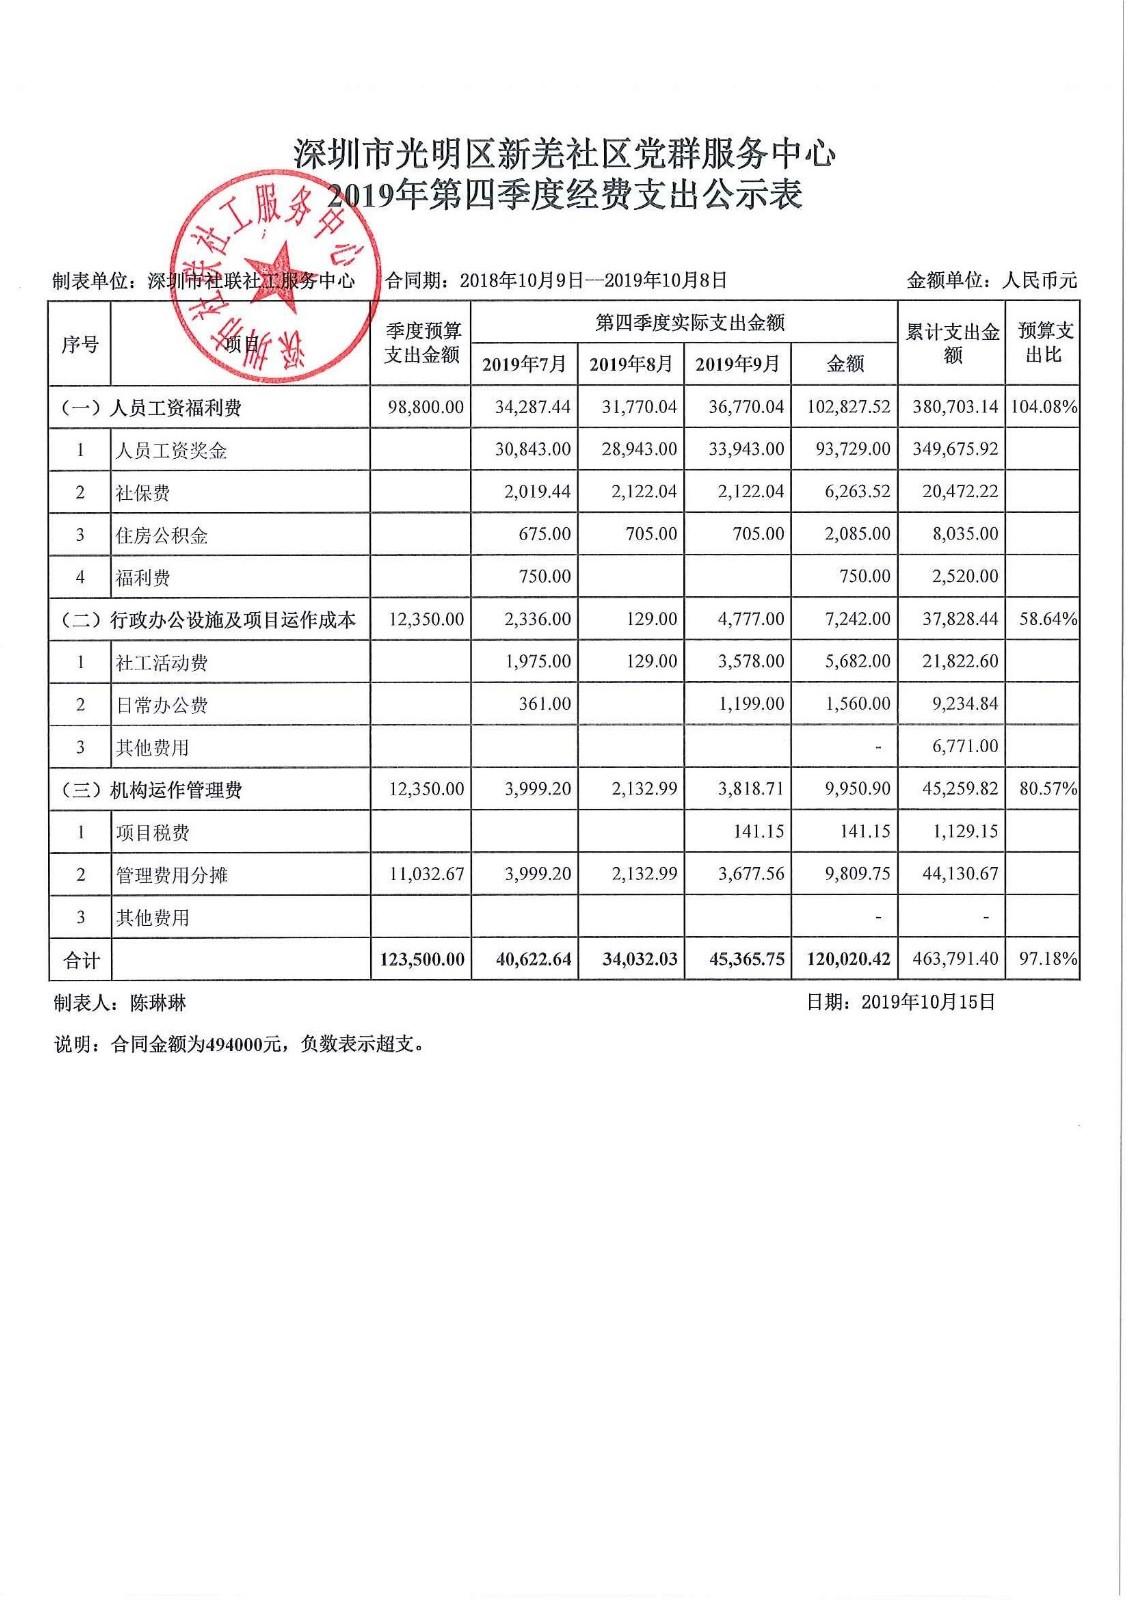 2019年第三季度新羌社区费用公示表